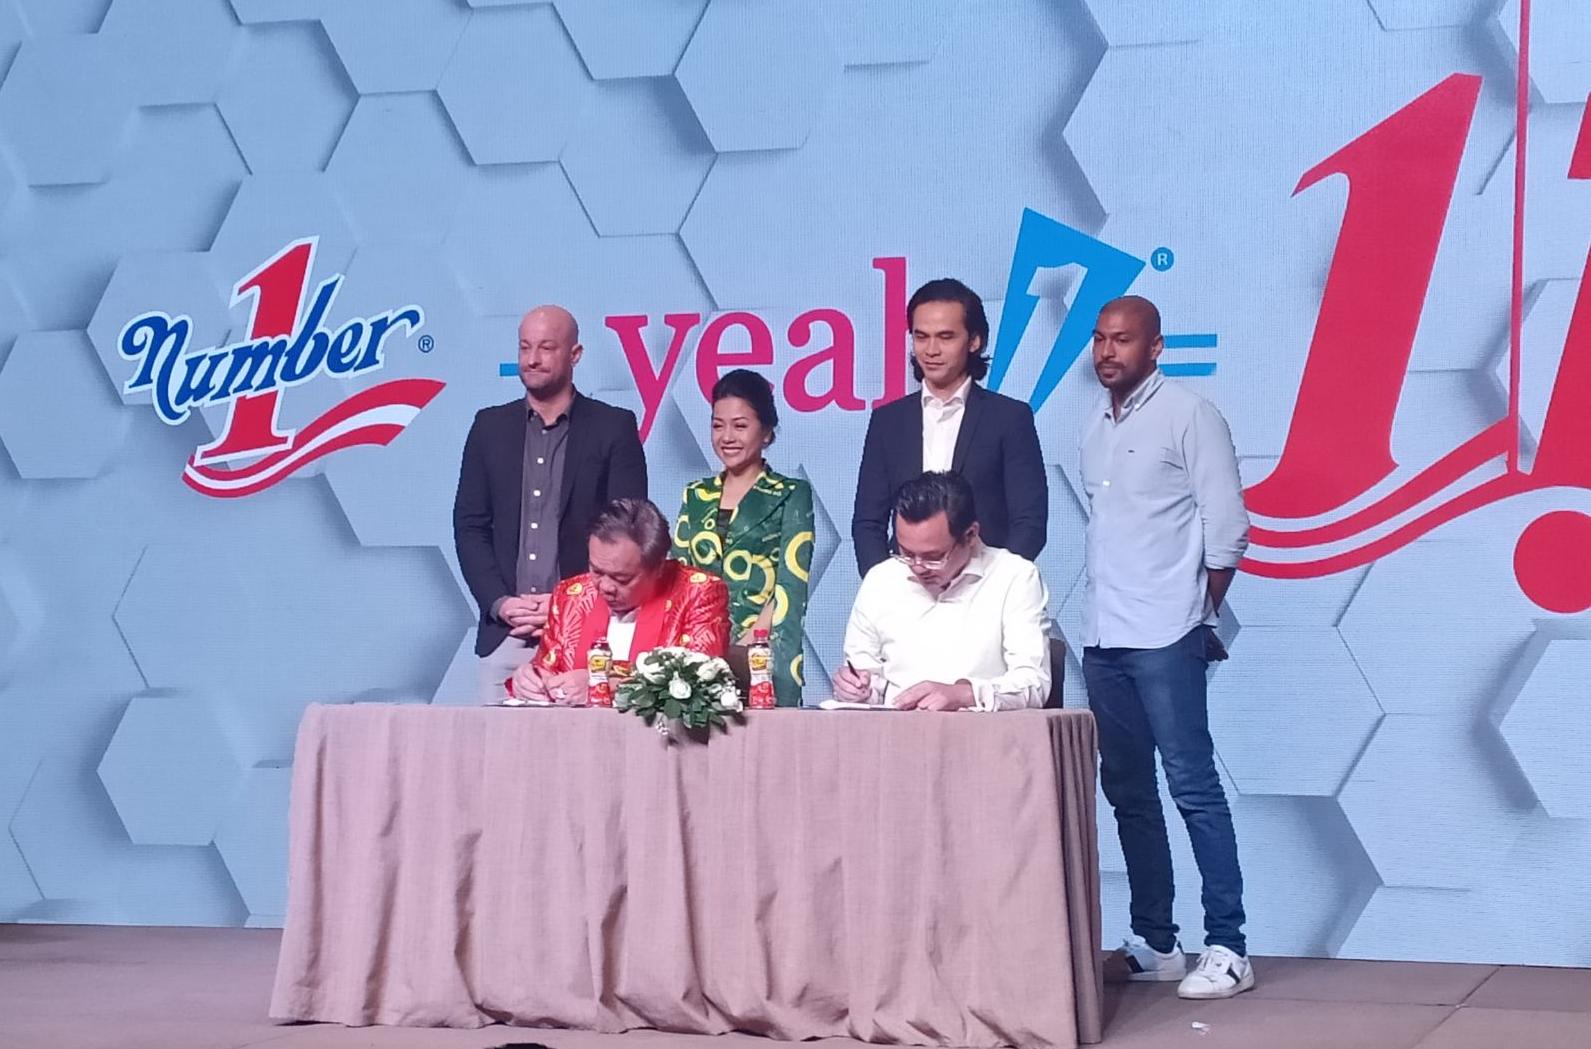 Chủ tịch Yeah1: 'Nhờ biến cố năm 2019 mà Yeah1 có cơ hội chuyển mình, theo đuổi những mục tiêu bền vững' - Ảnh 1.